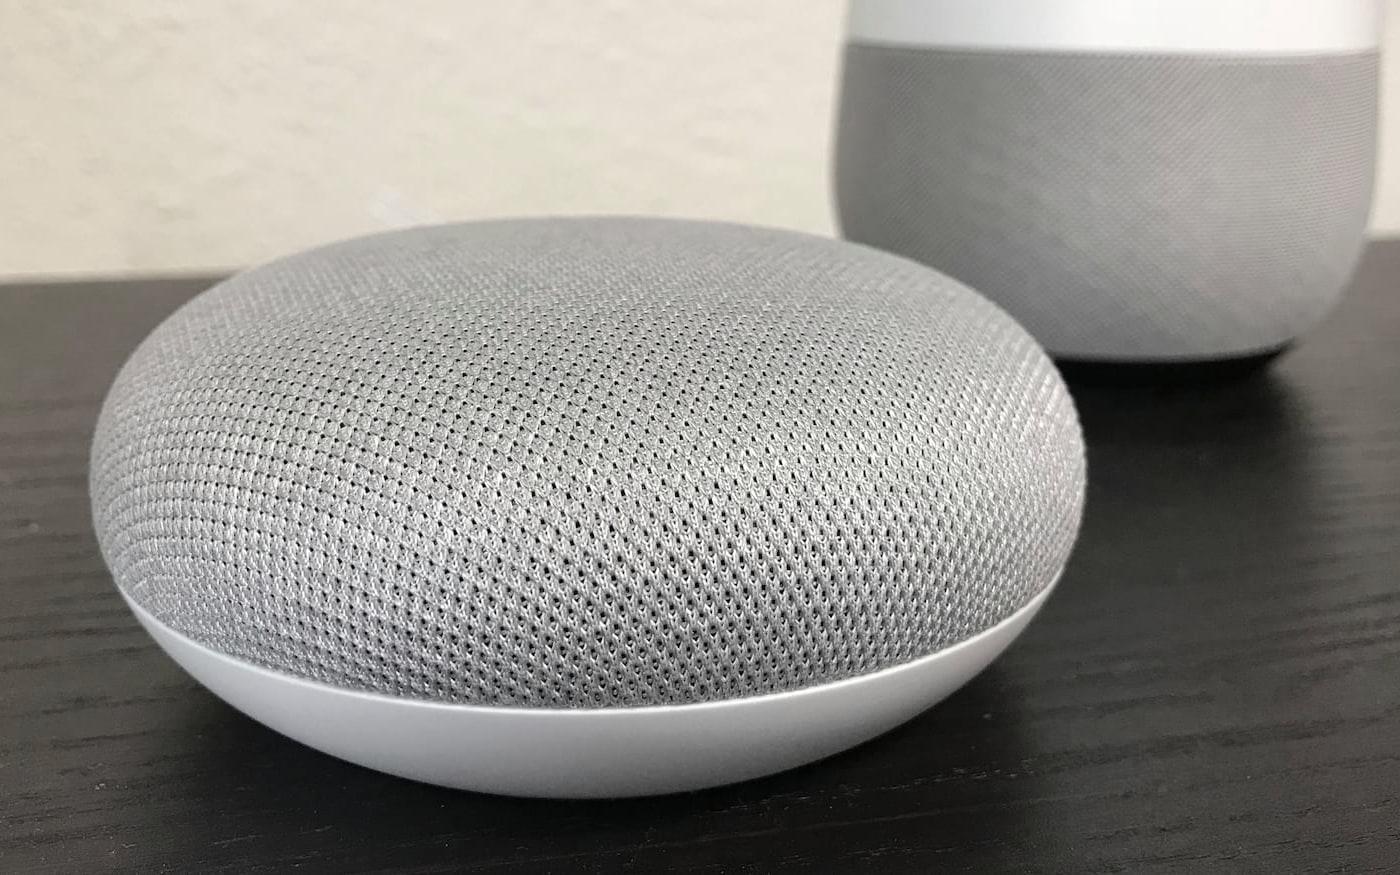 Funcionários terceirizados da Google têm acesso a áudios gravados pelo Google Home